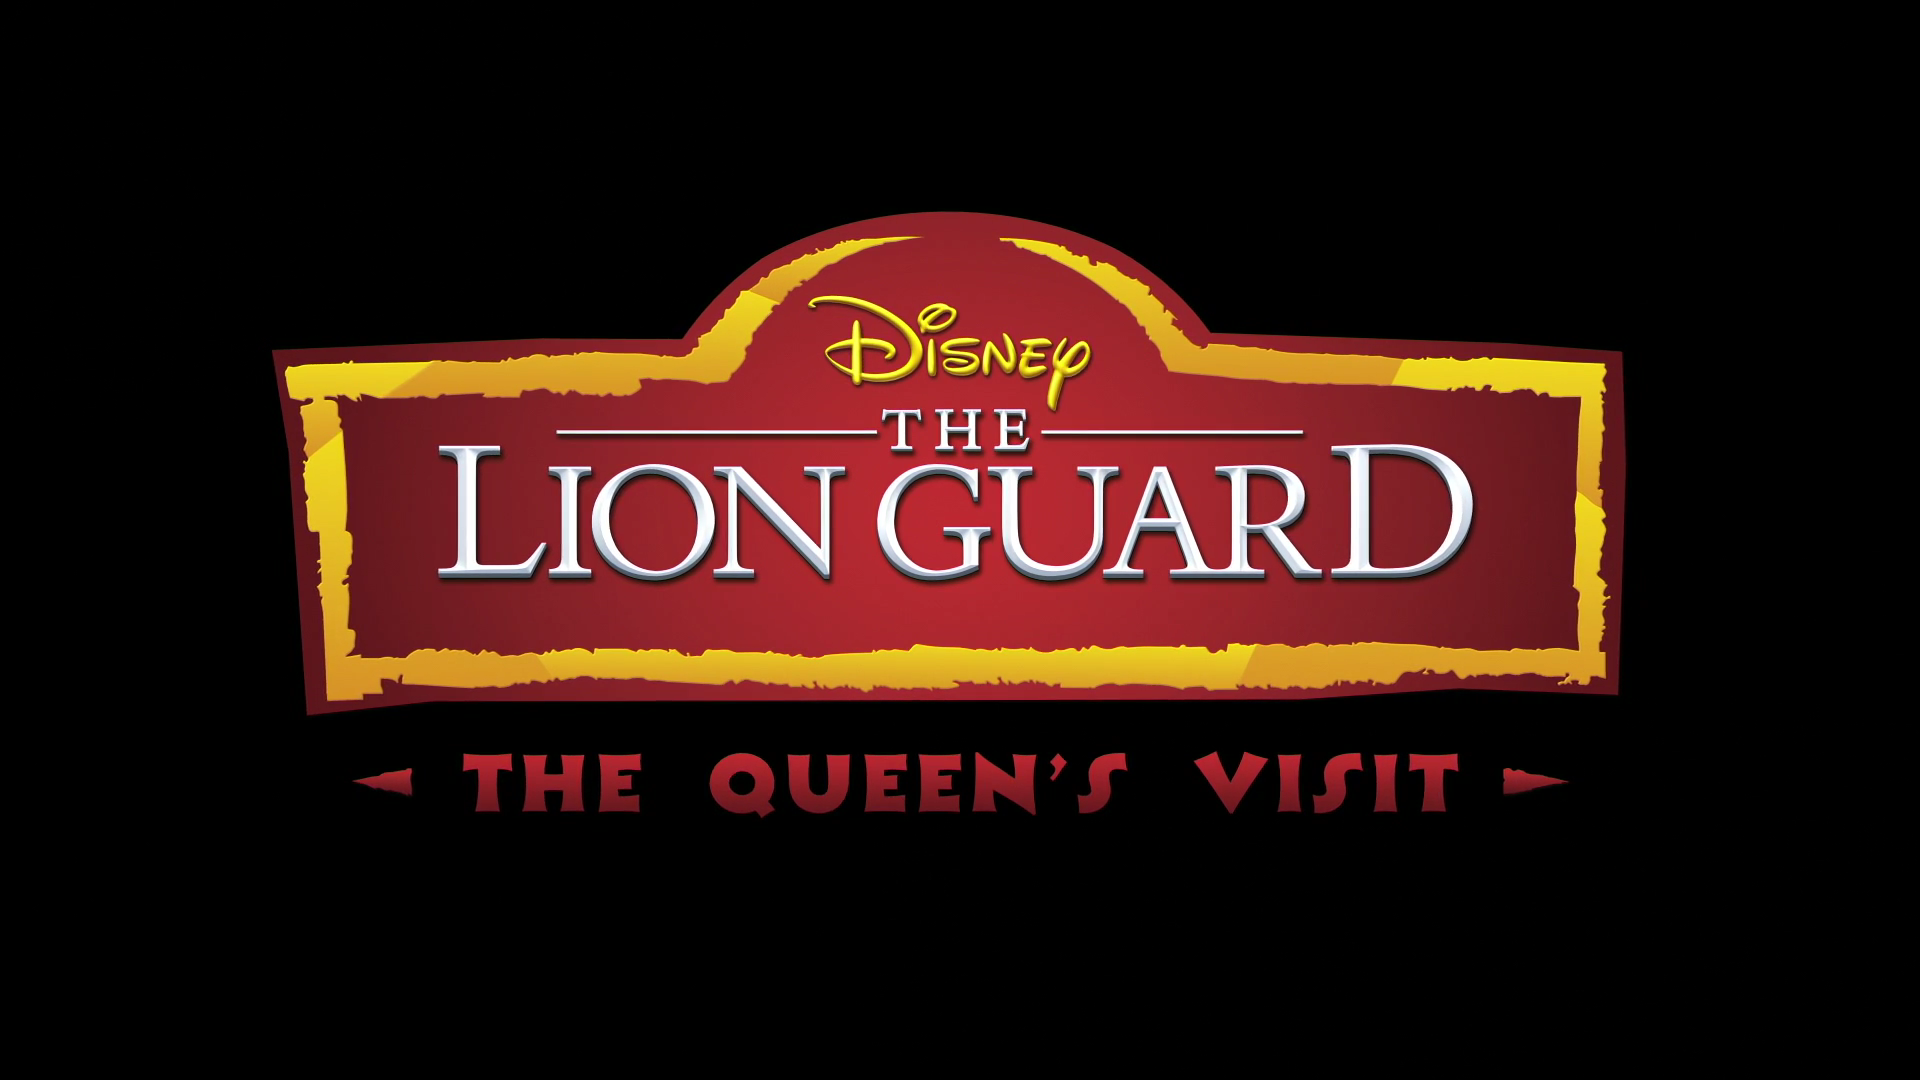 The Queen's Visit